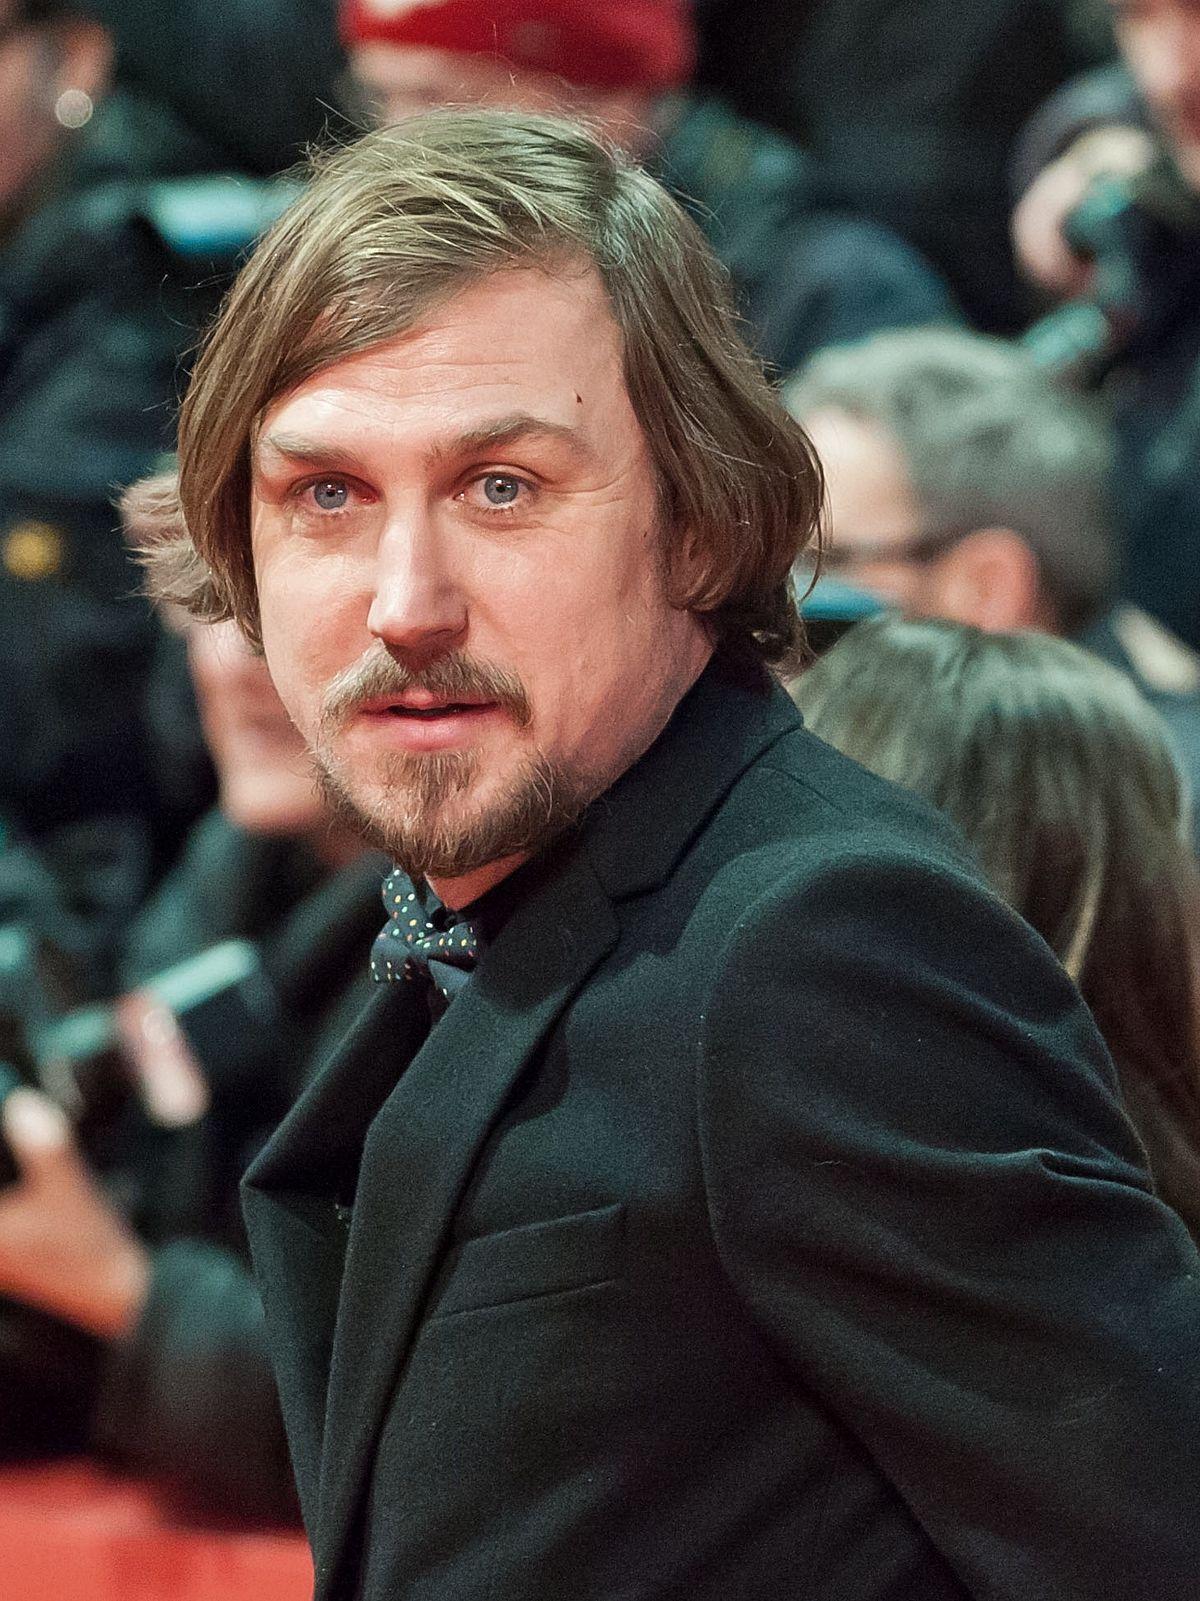 Männlich deutsche über 50 schauspieler Schauspieler männlich